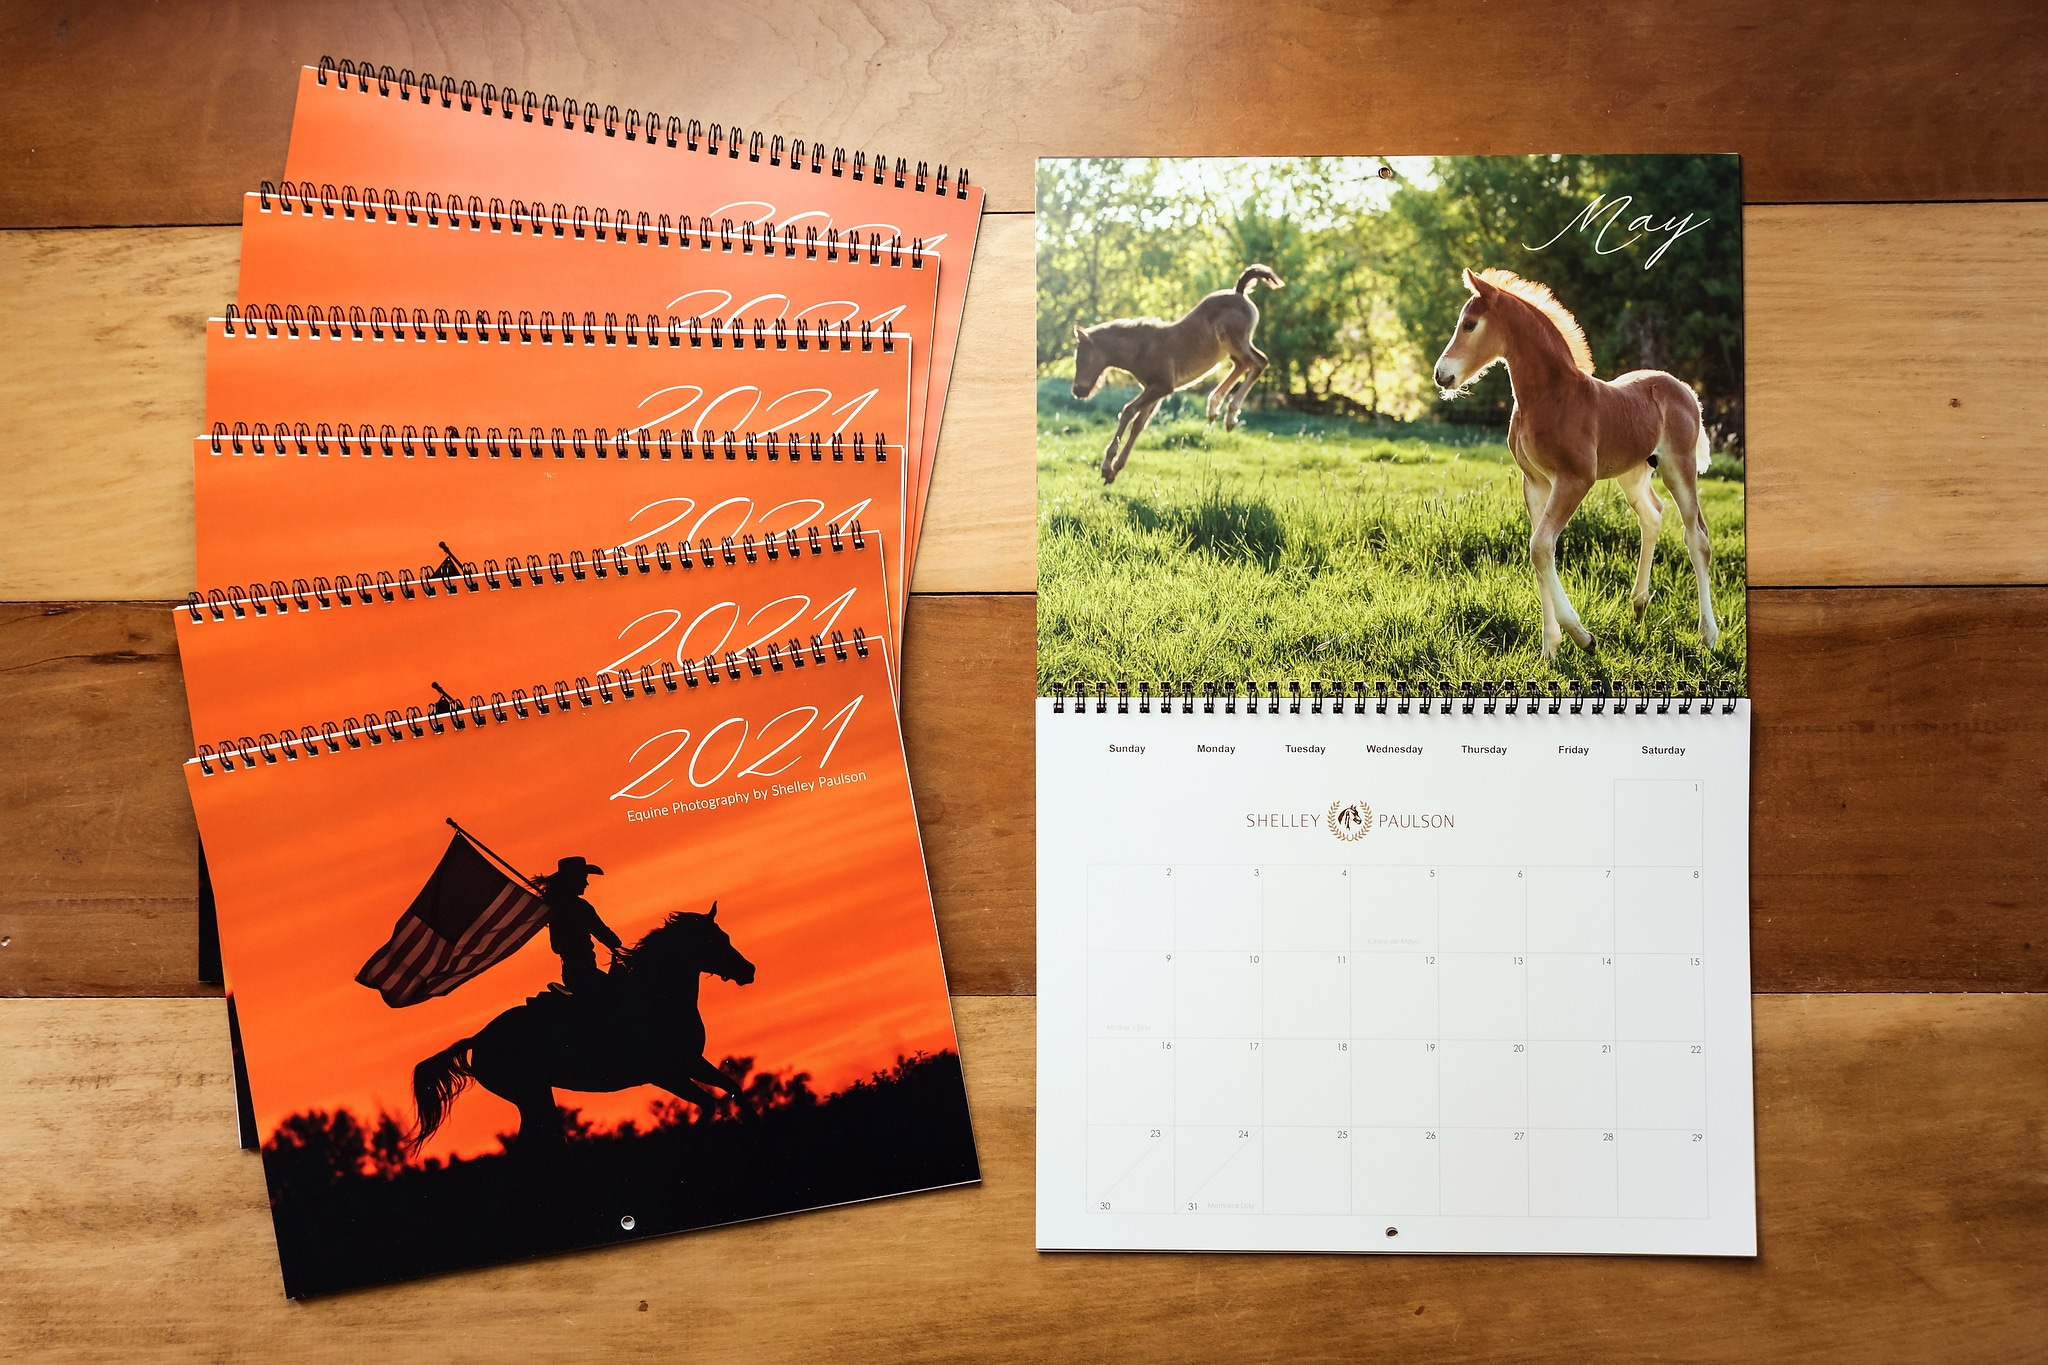 2021 Equine Photography Calendar